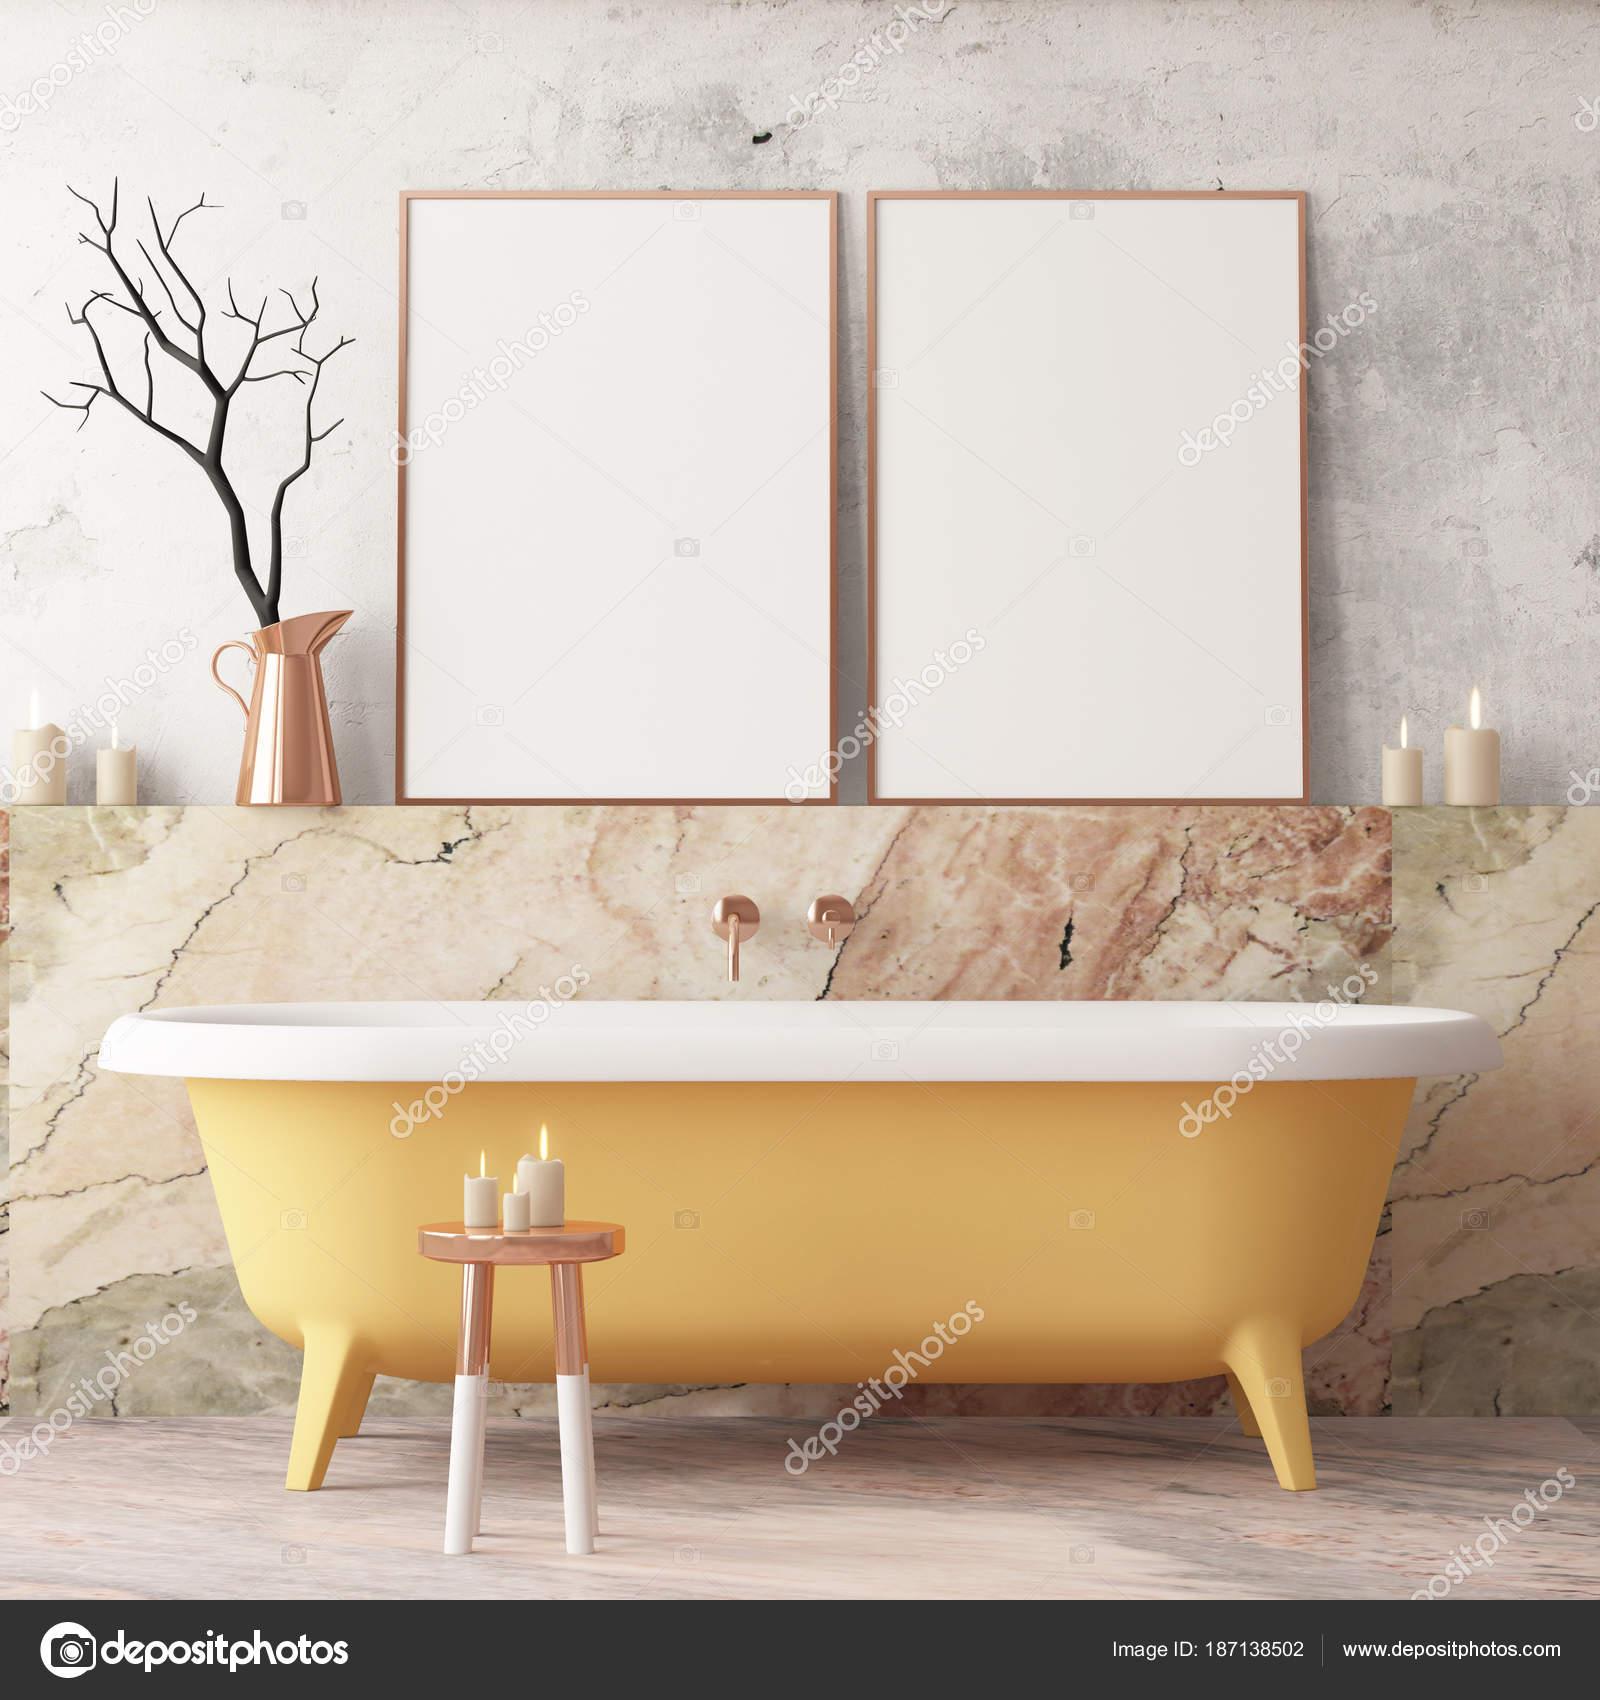 Ikea Salle De Bain Dynan ~ maquette affiche dans salle bain dans style vintage couleur tendance